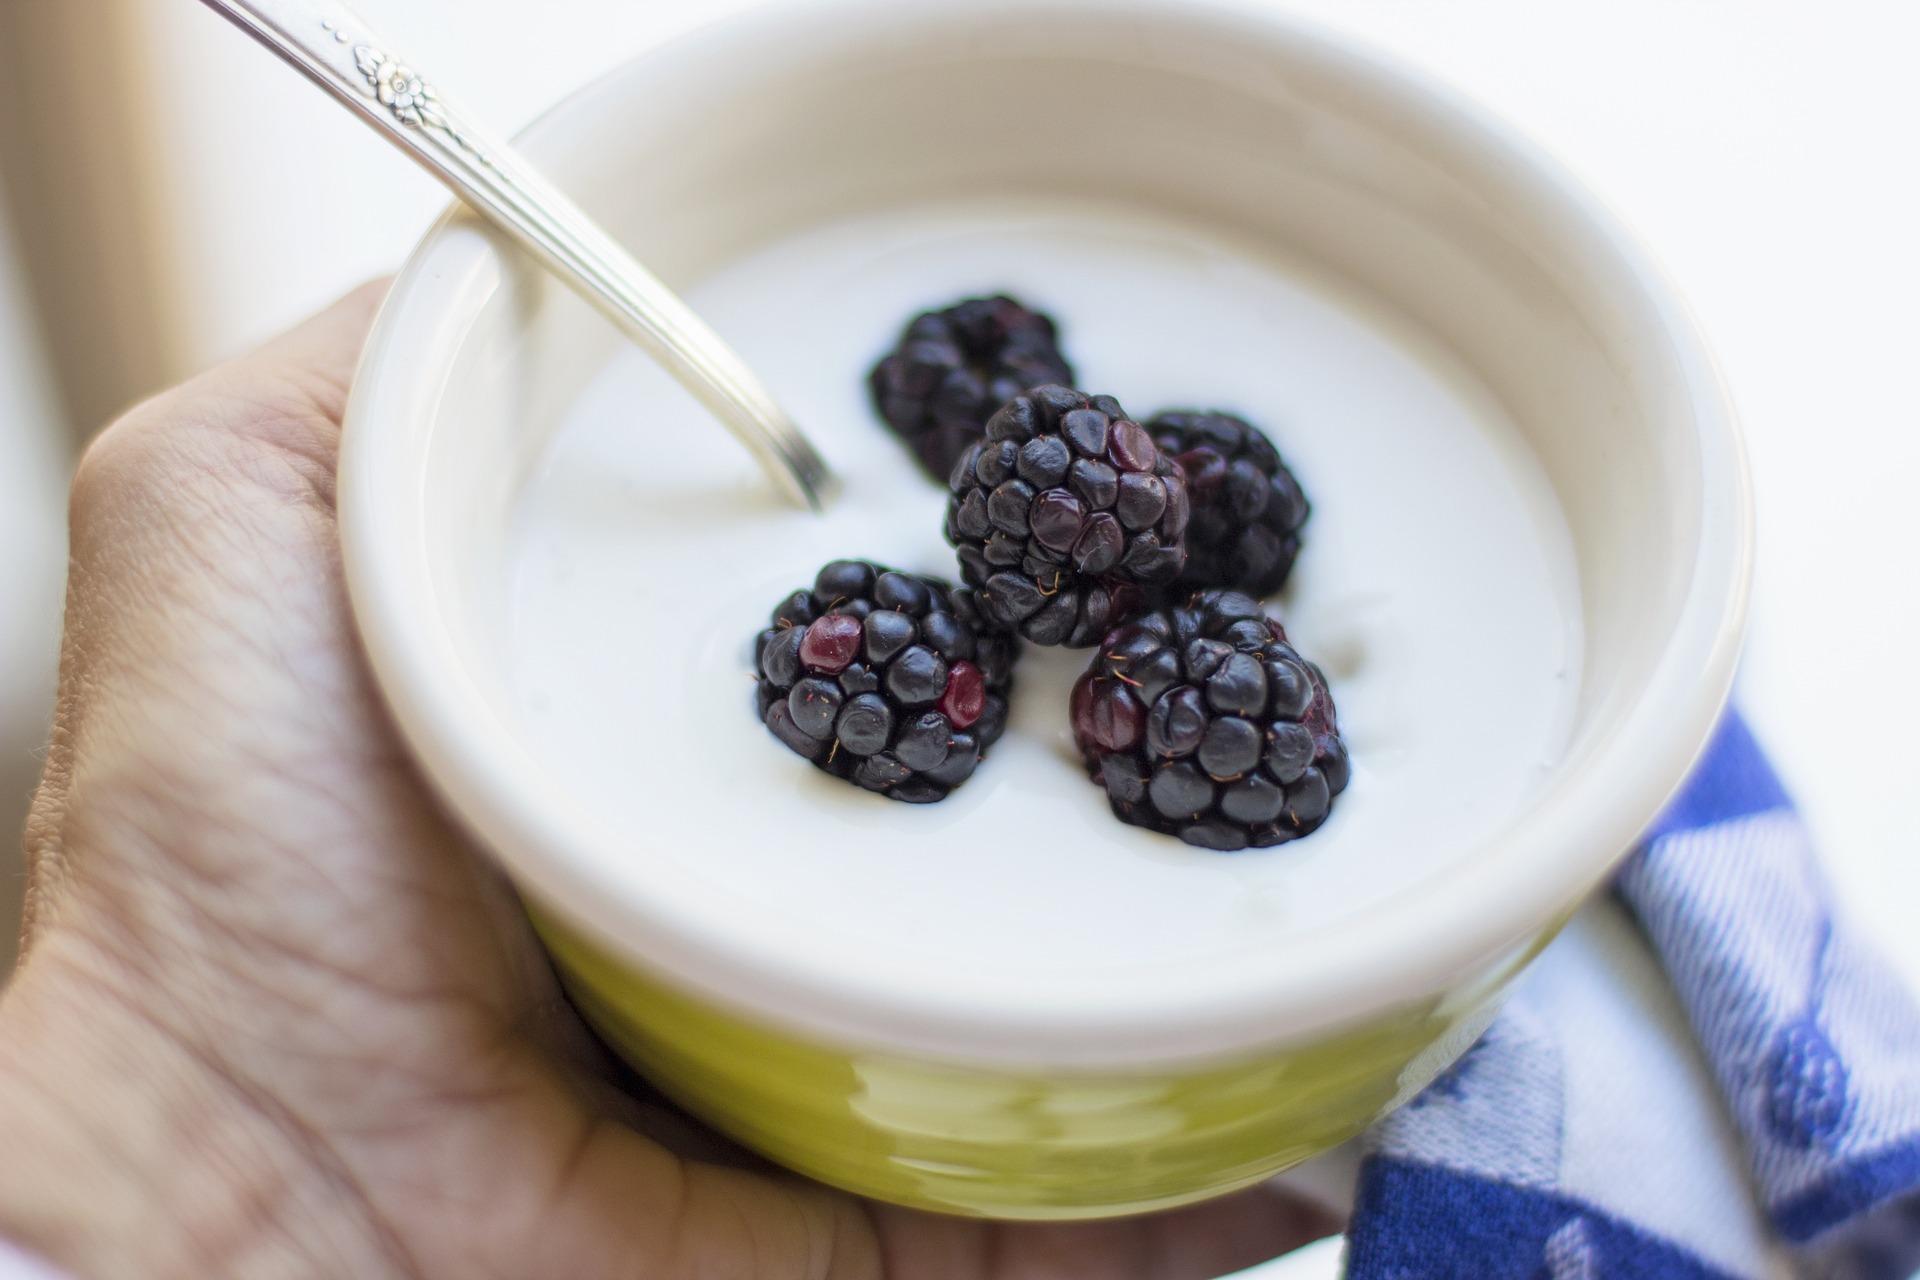 Ten Stress Fighting Foods - Blueberries